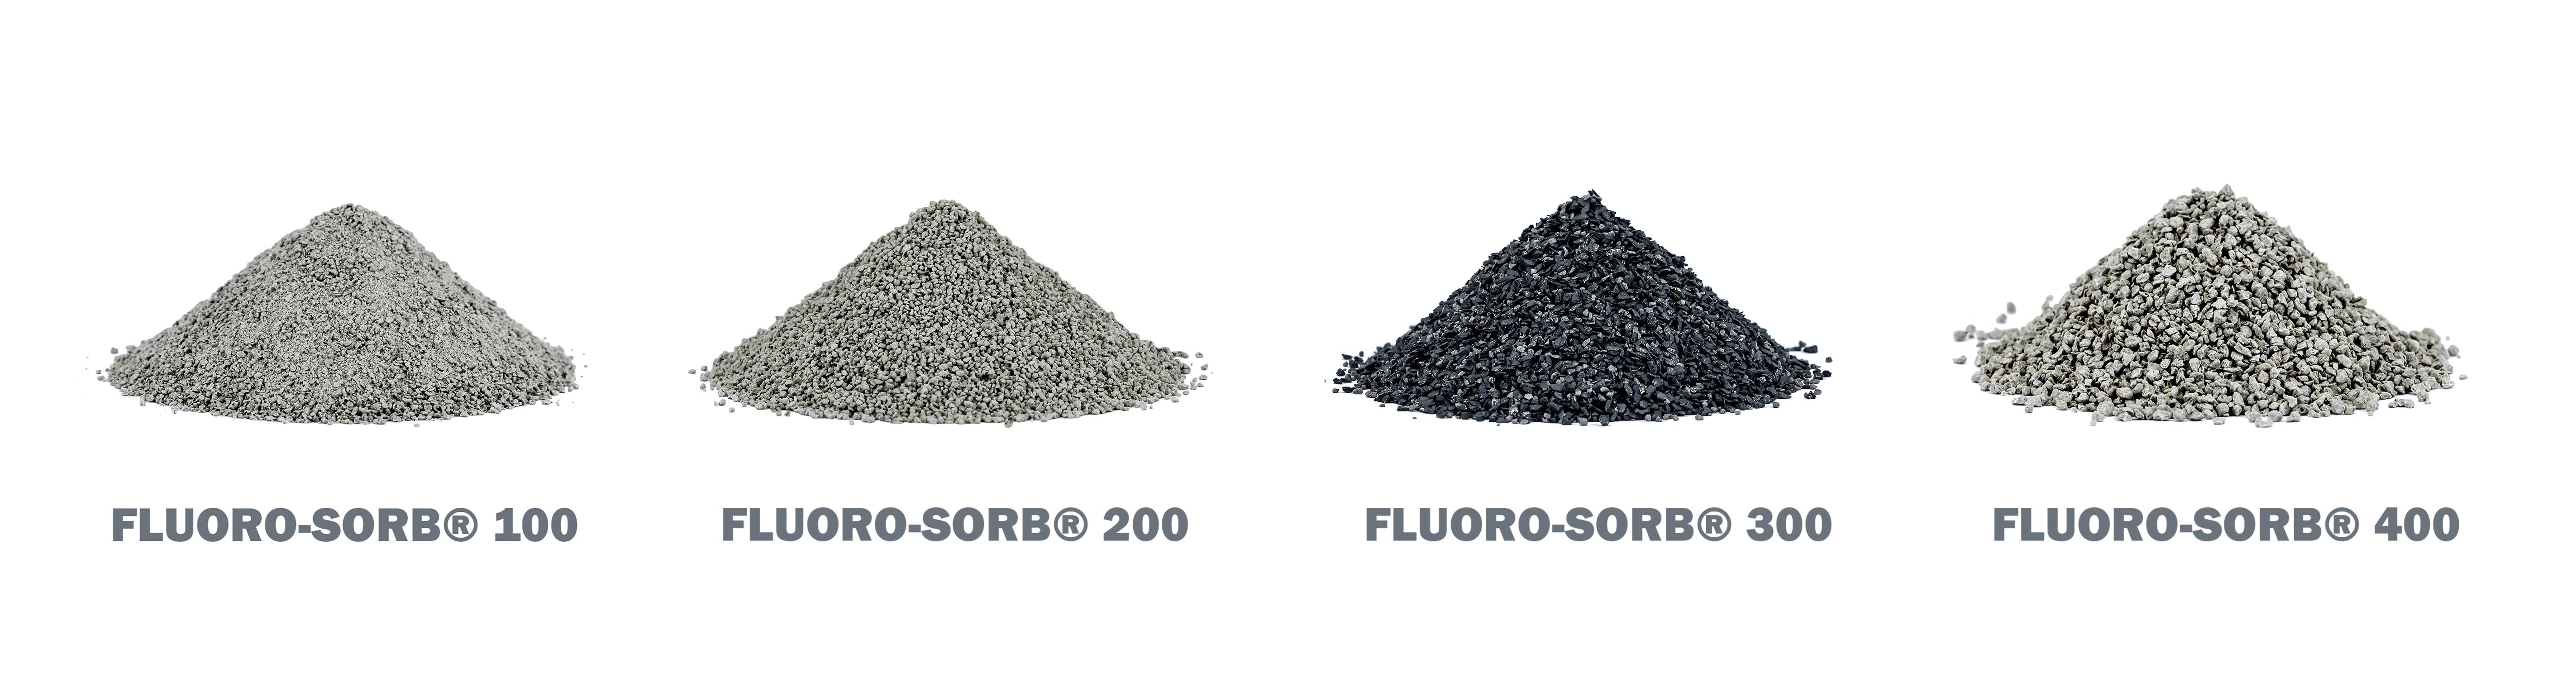 不同类别的Fluoro-Sorb